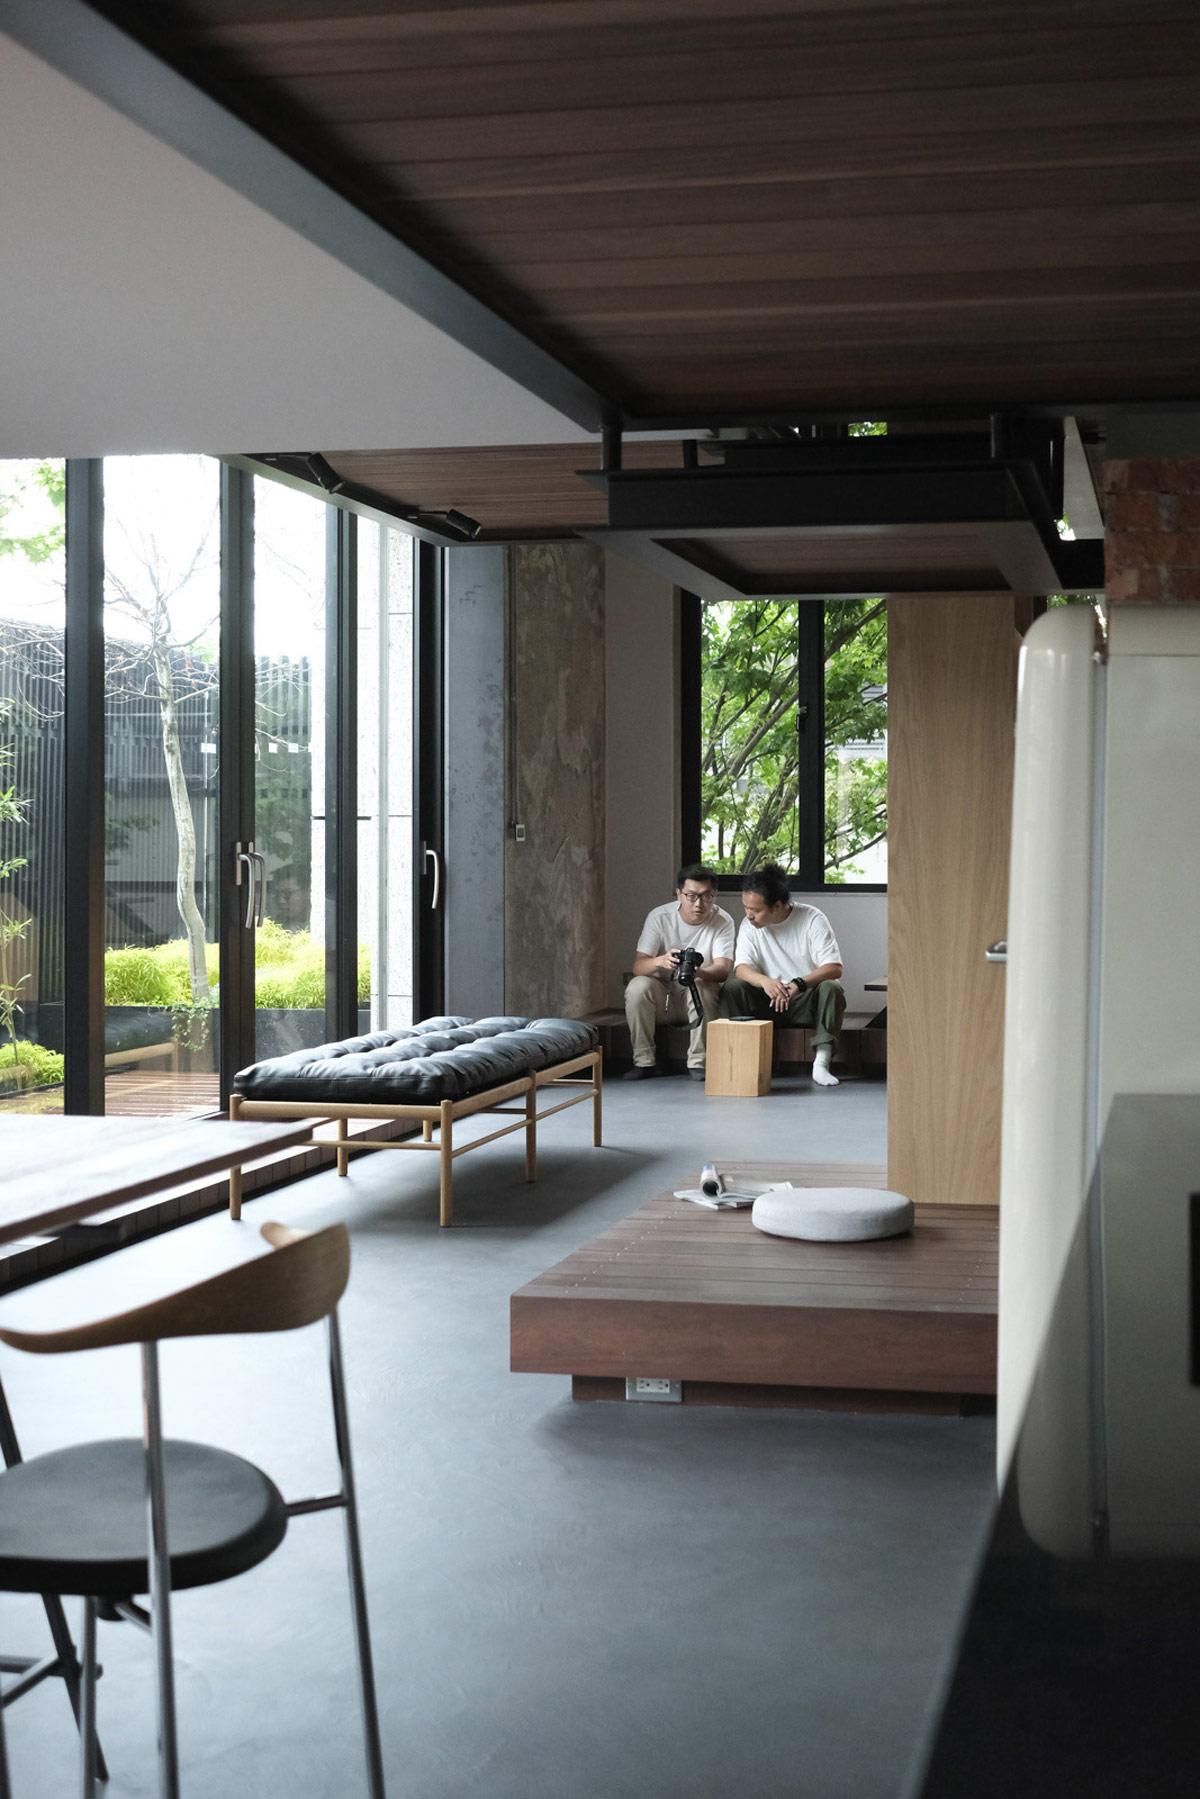 hình ảnh không gian tầng trệt ngôi nhà Nhật